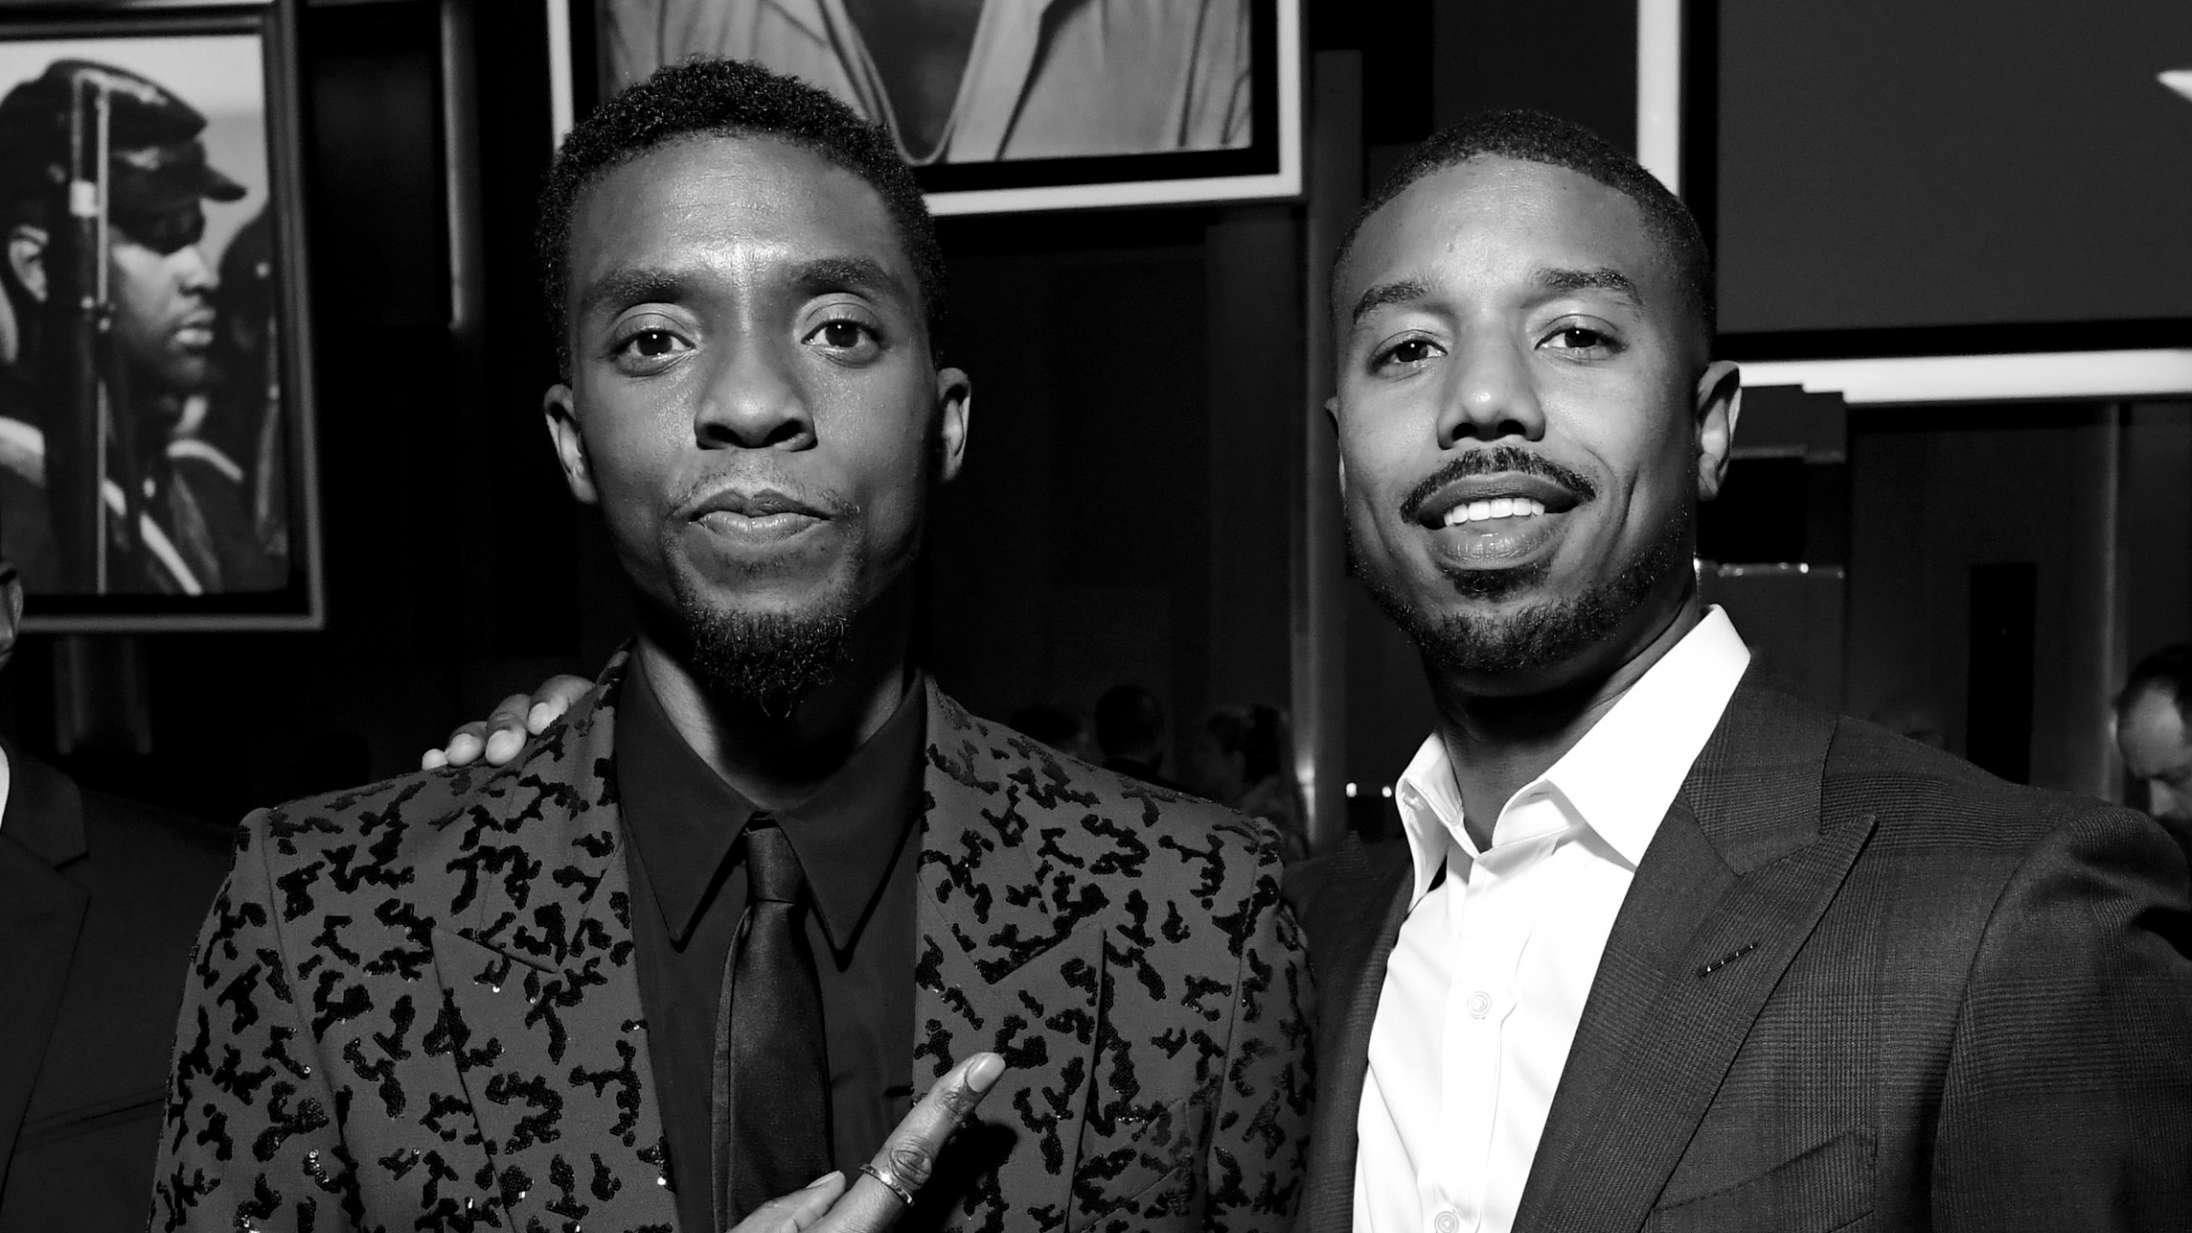 Michael B. Jordan deler mindeord om Chadwick Boseman: »Jeg dedikerer resten af mine dage til at leve, som du levede«